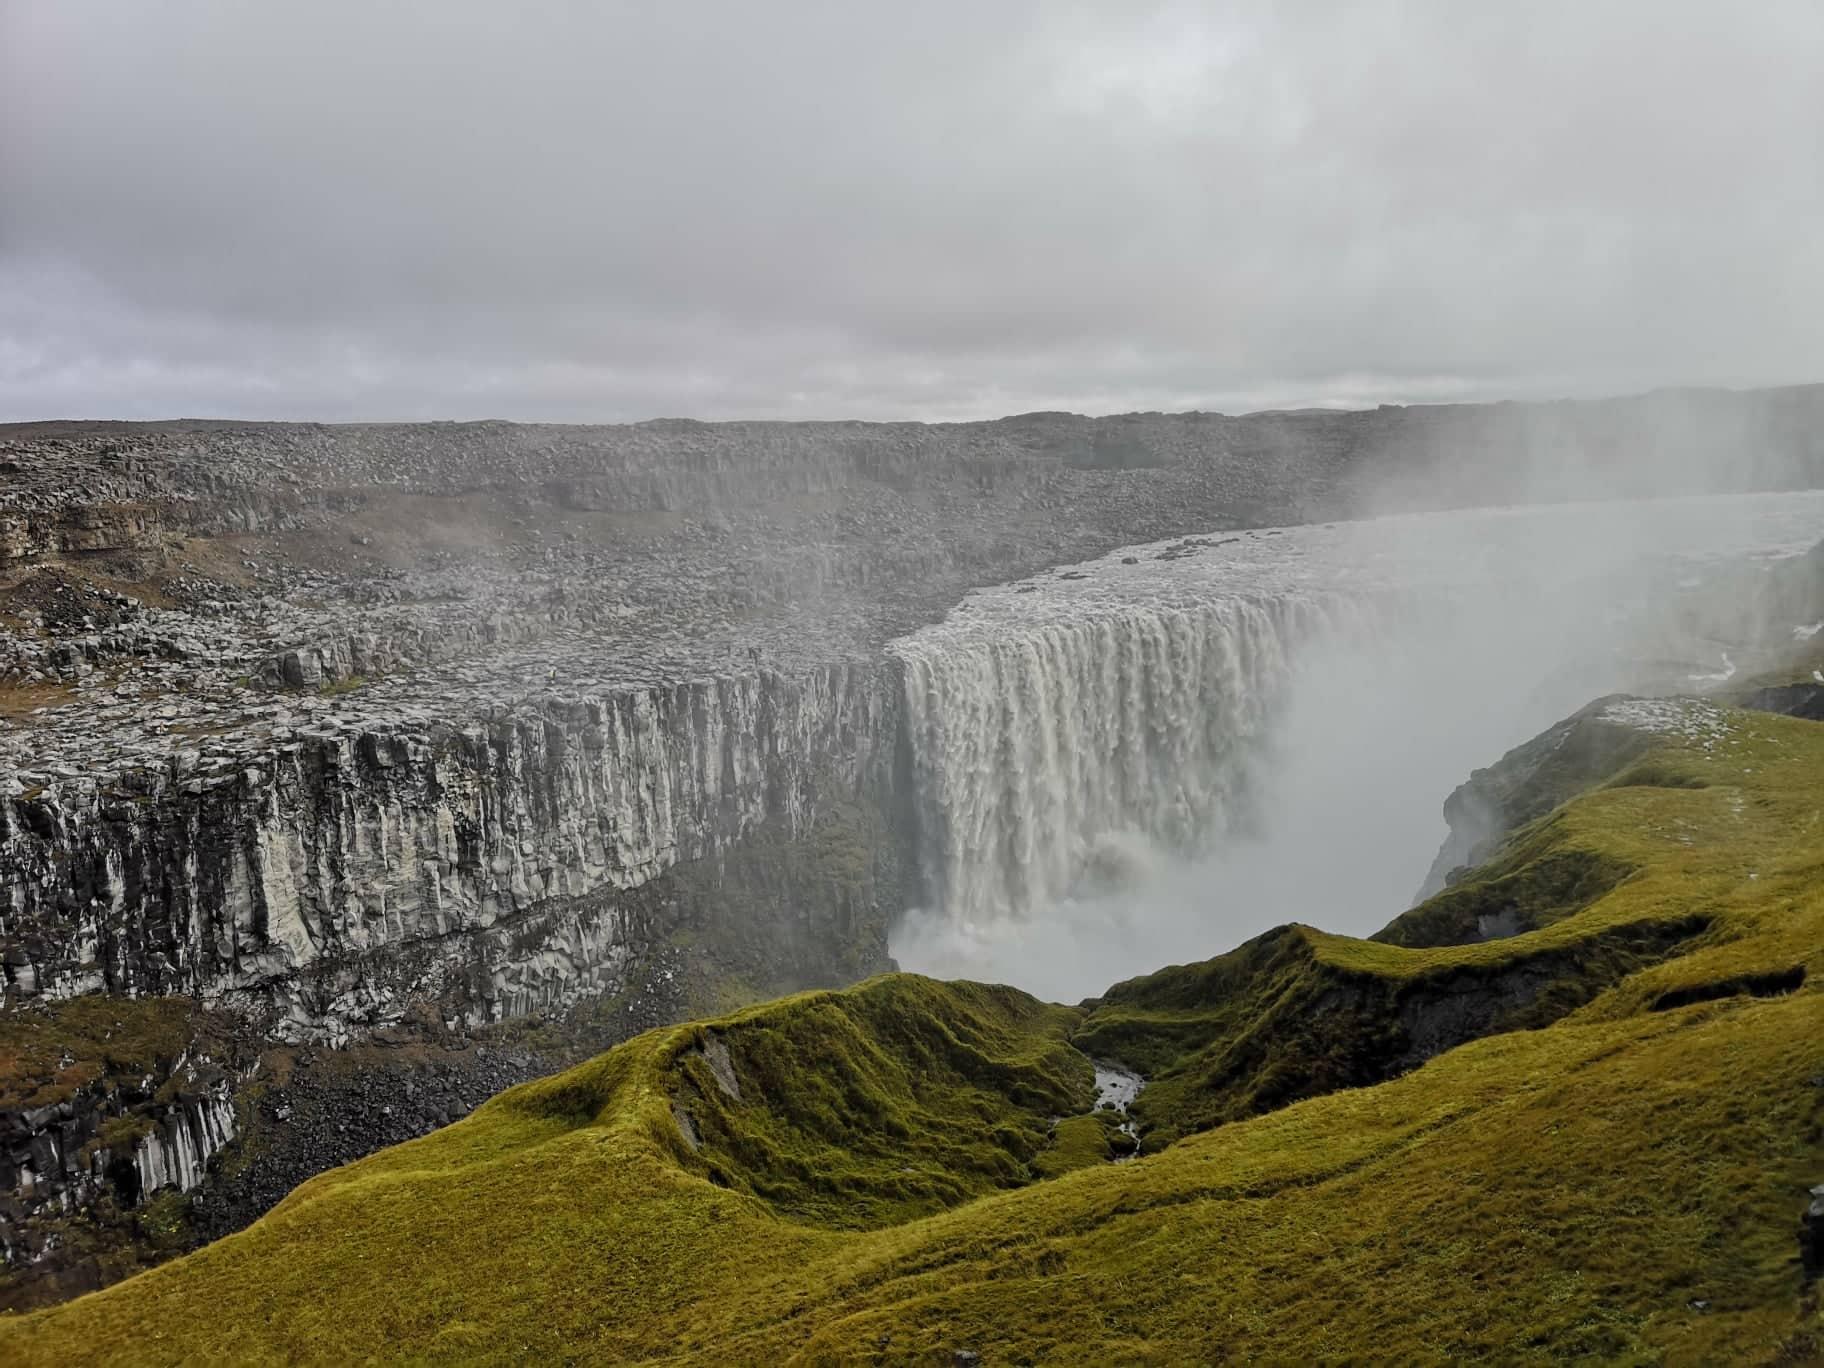 北アイスランドにあるヨーロッパ最大級の水量を誇るデティフォスの滝